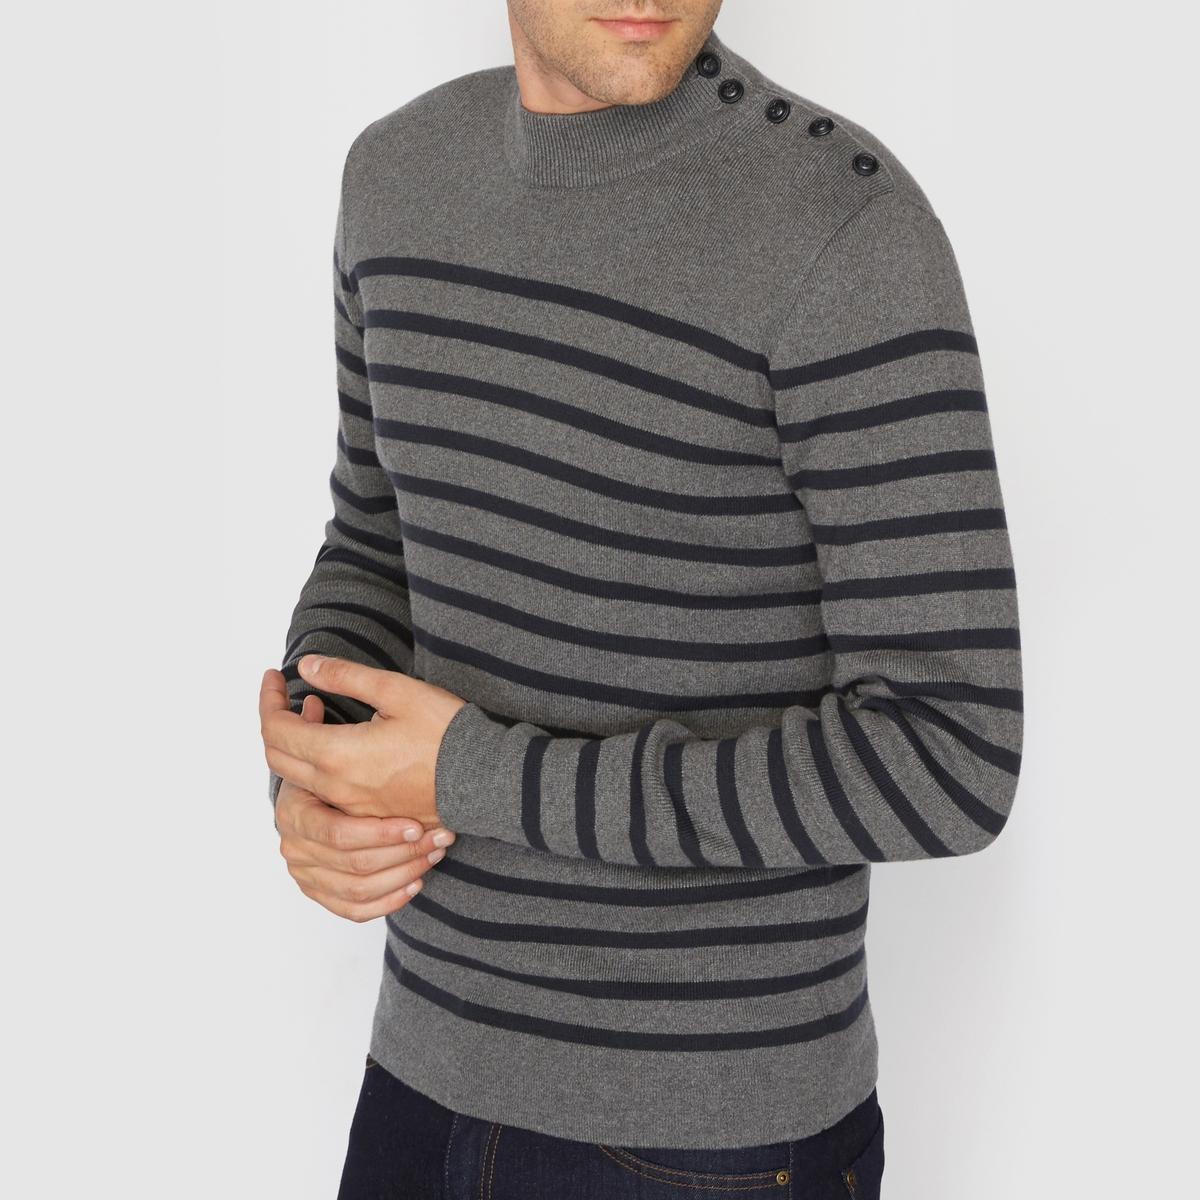 Пуловер с круглым вырезом 100% хлопкаСостав и описание :Материал : 100% хлопкаМарка : R Essentiel.Уход :Следуйте рекомендациям по уходу, указанным на этикетке изделия.<br><br>Цвет: кирпичный,серый в полоску